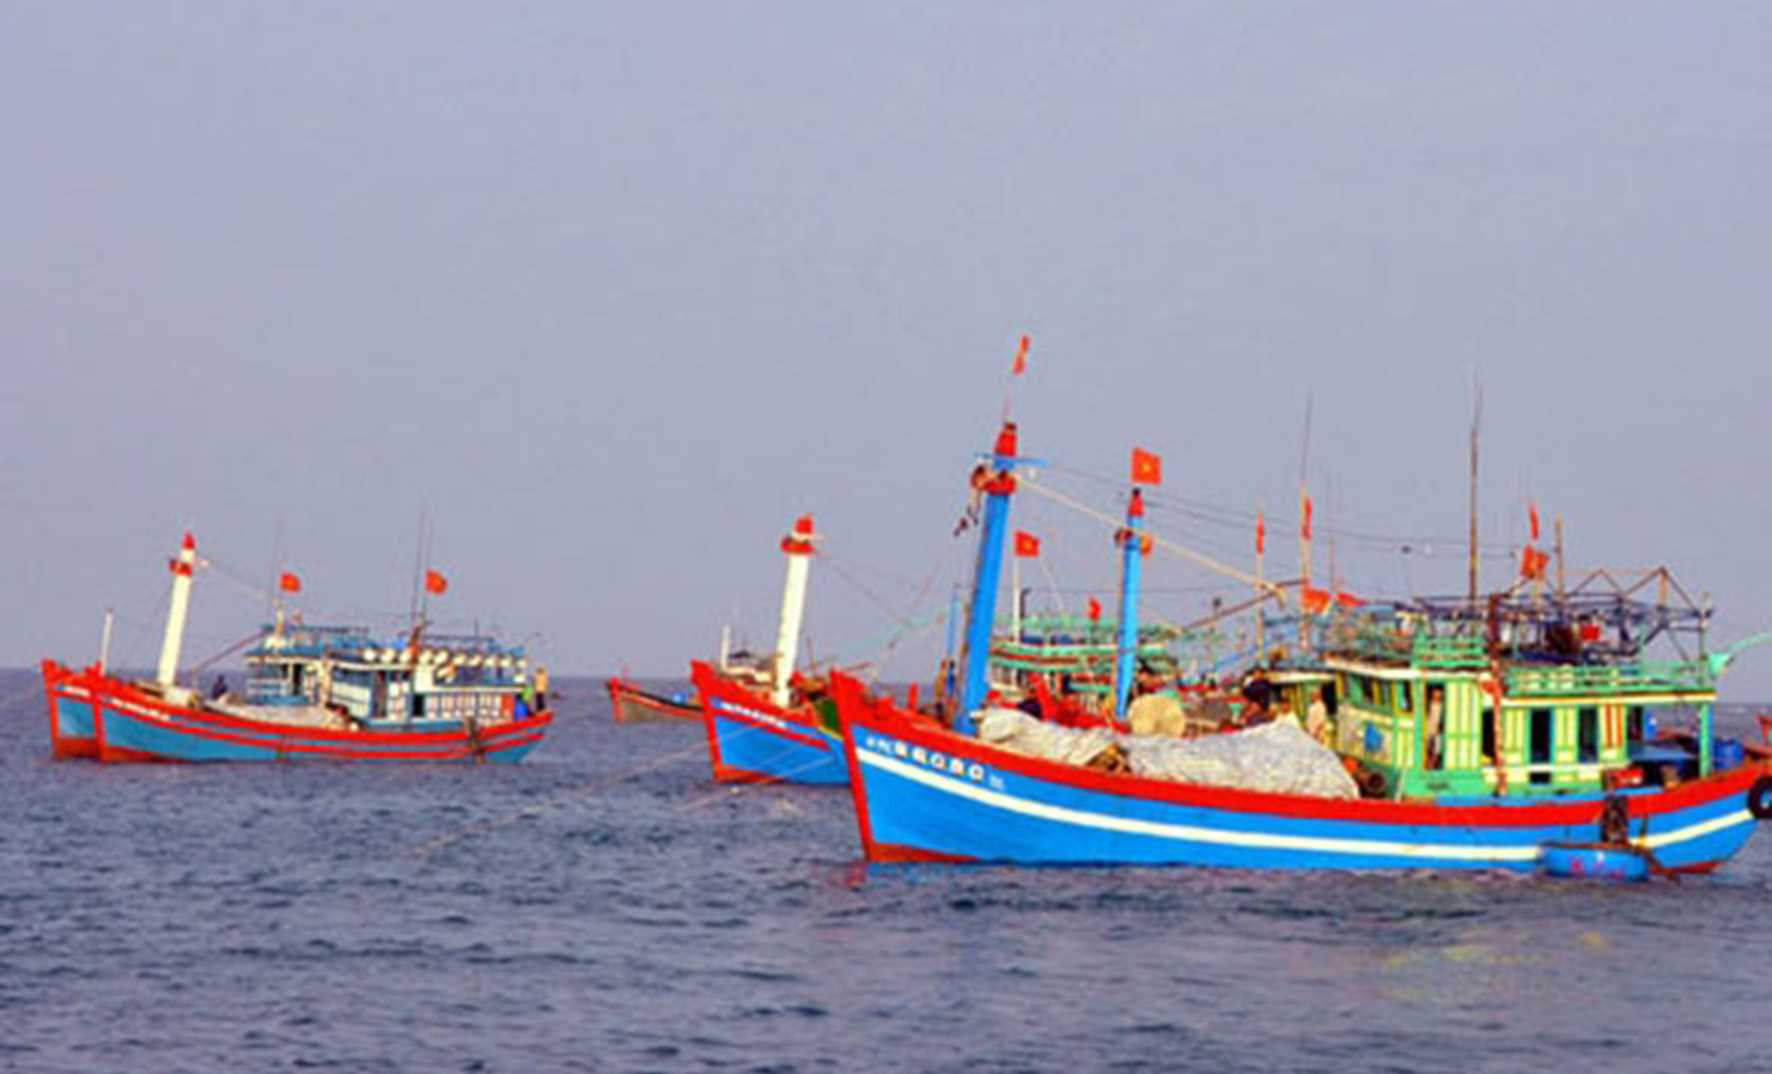 Chấm dứt tình trạng tàu cá Việt Nam vi phạm khai thác hải sản ở vùng biển nước ngoài